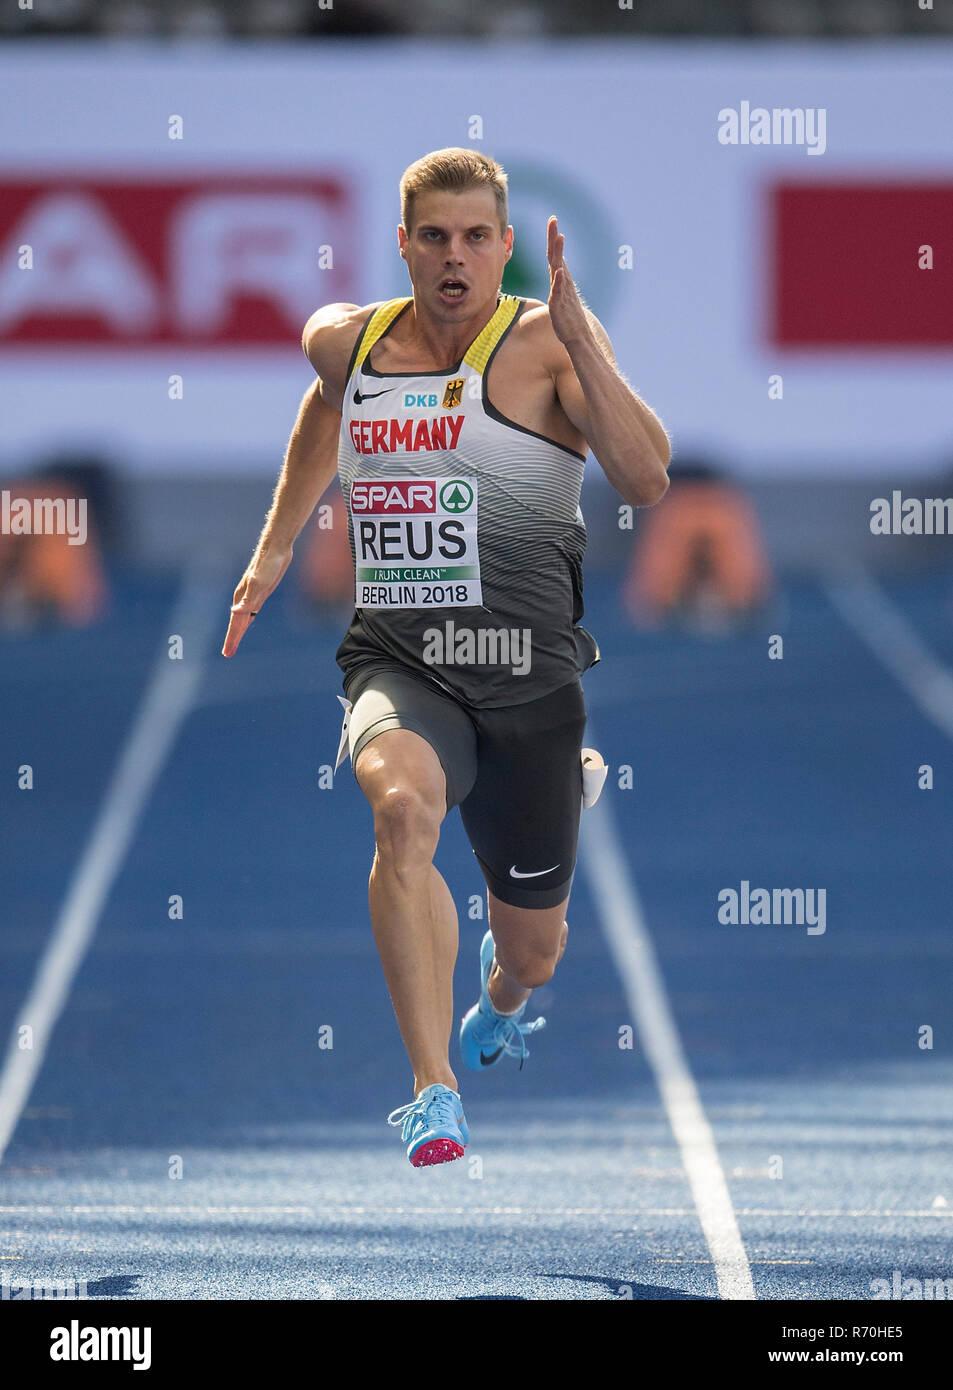 Julian Reus Deutschland Aktion Qualifizierung 100 M Der Männer